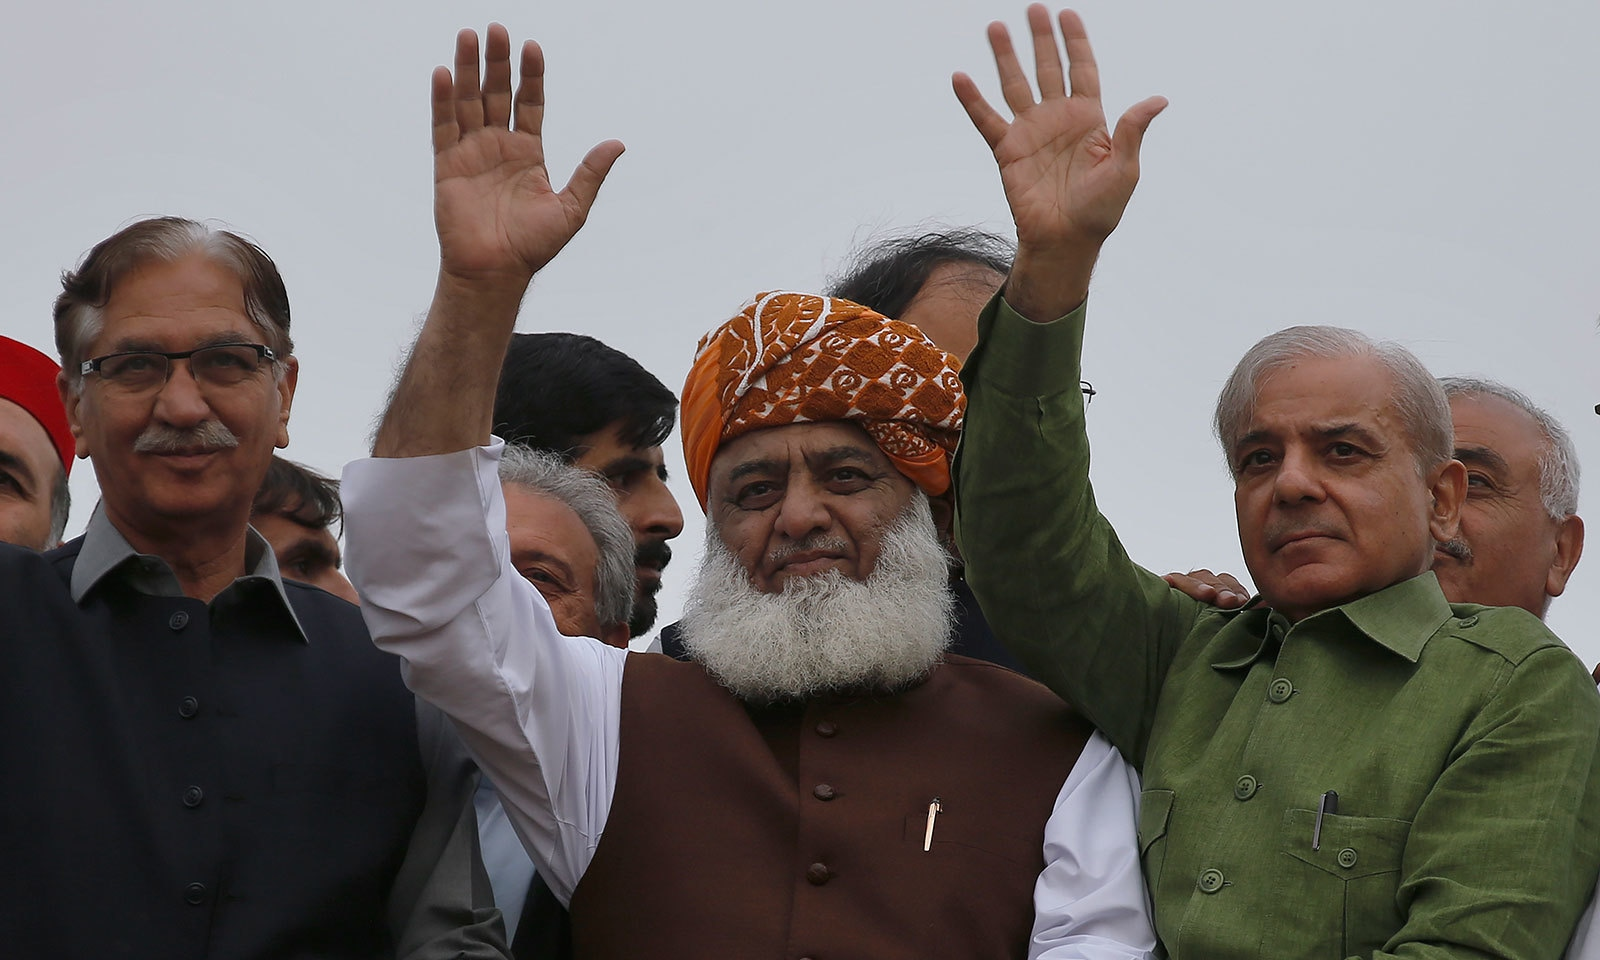 آزادی مارچ میں پاکستان مسلم لیگ (ن) کے صدر شہباز شریف نے بھی شرکت کی—فوٹو:اے پی